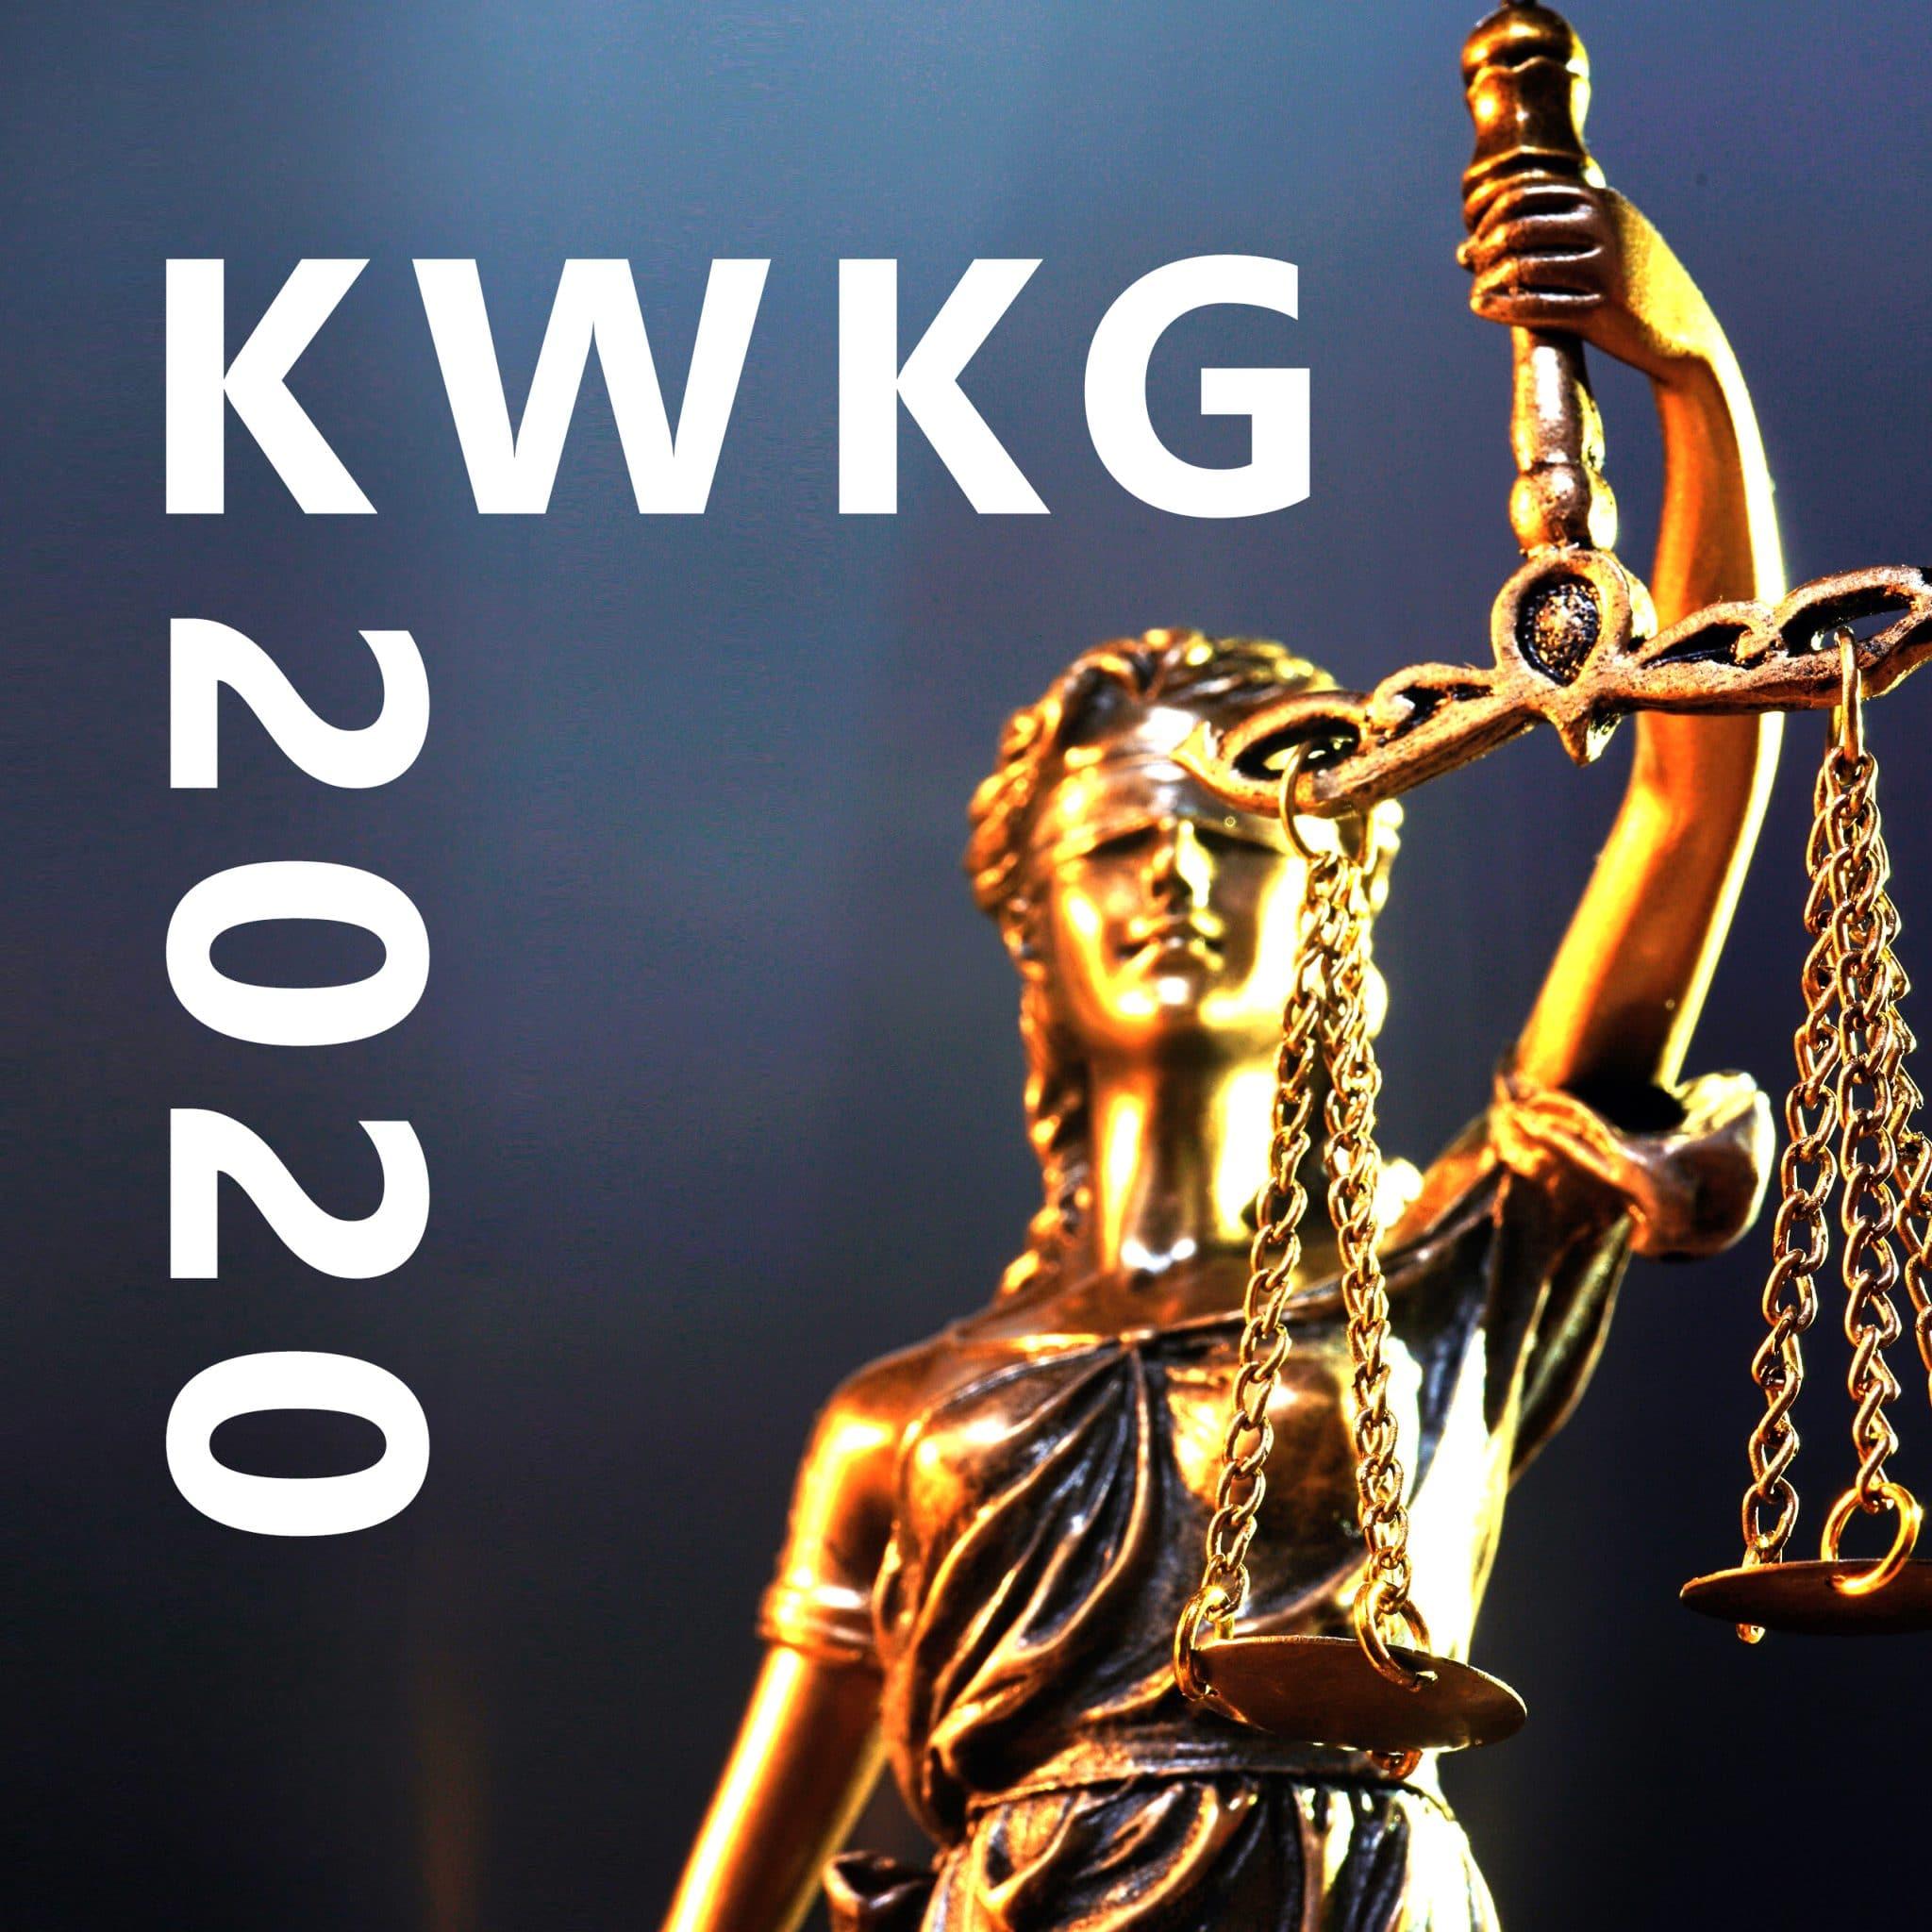 Neues KWK-Gesetz (KWKG 2020) im Fokus